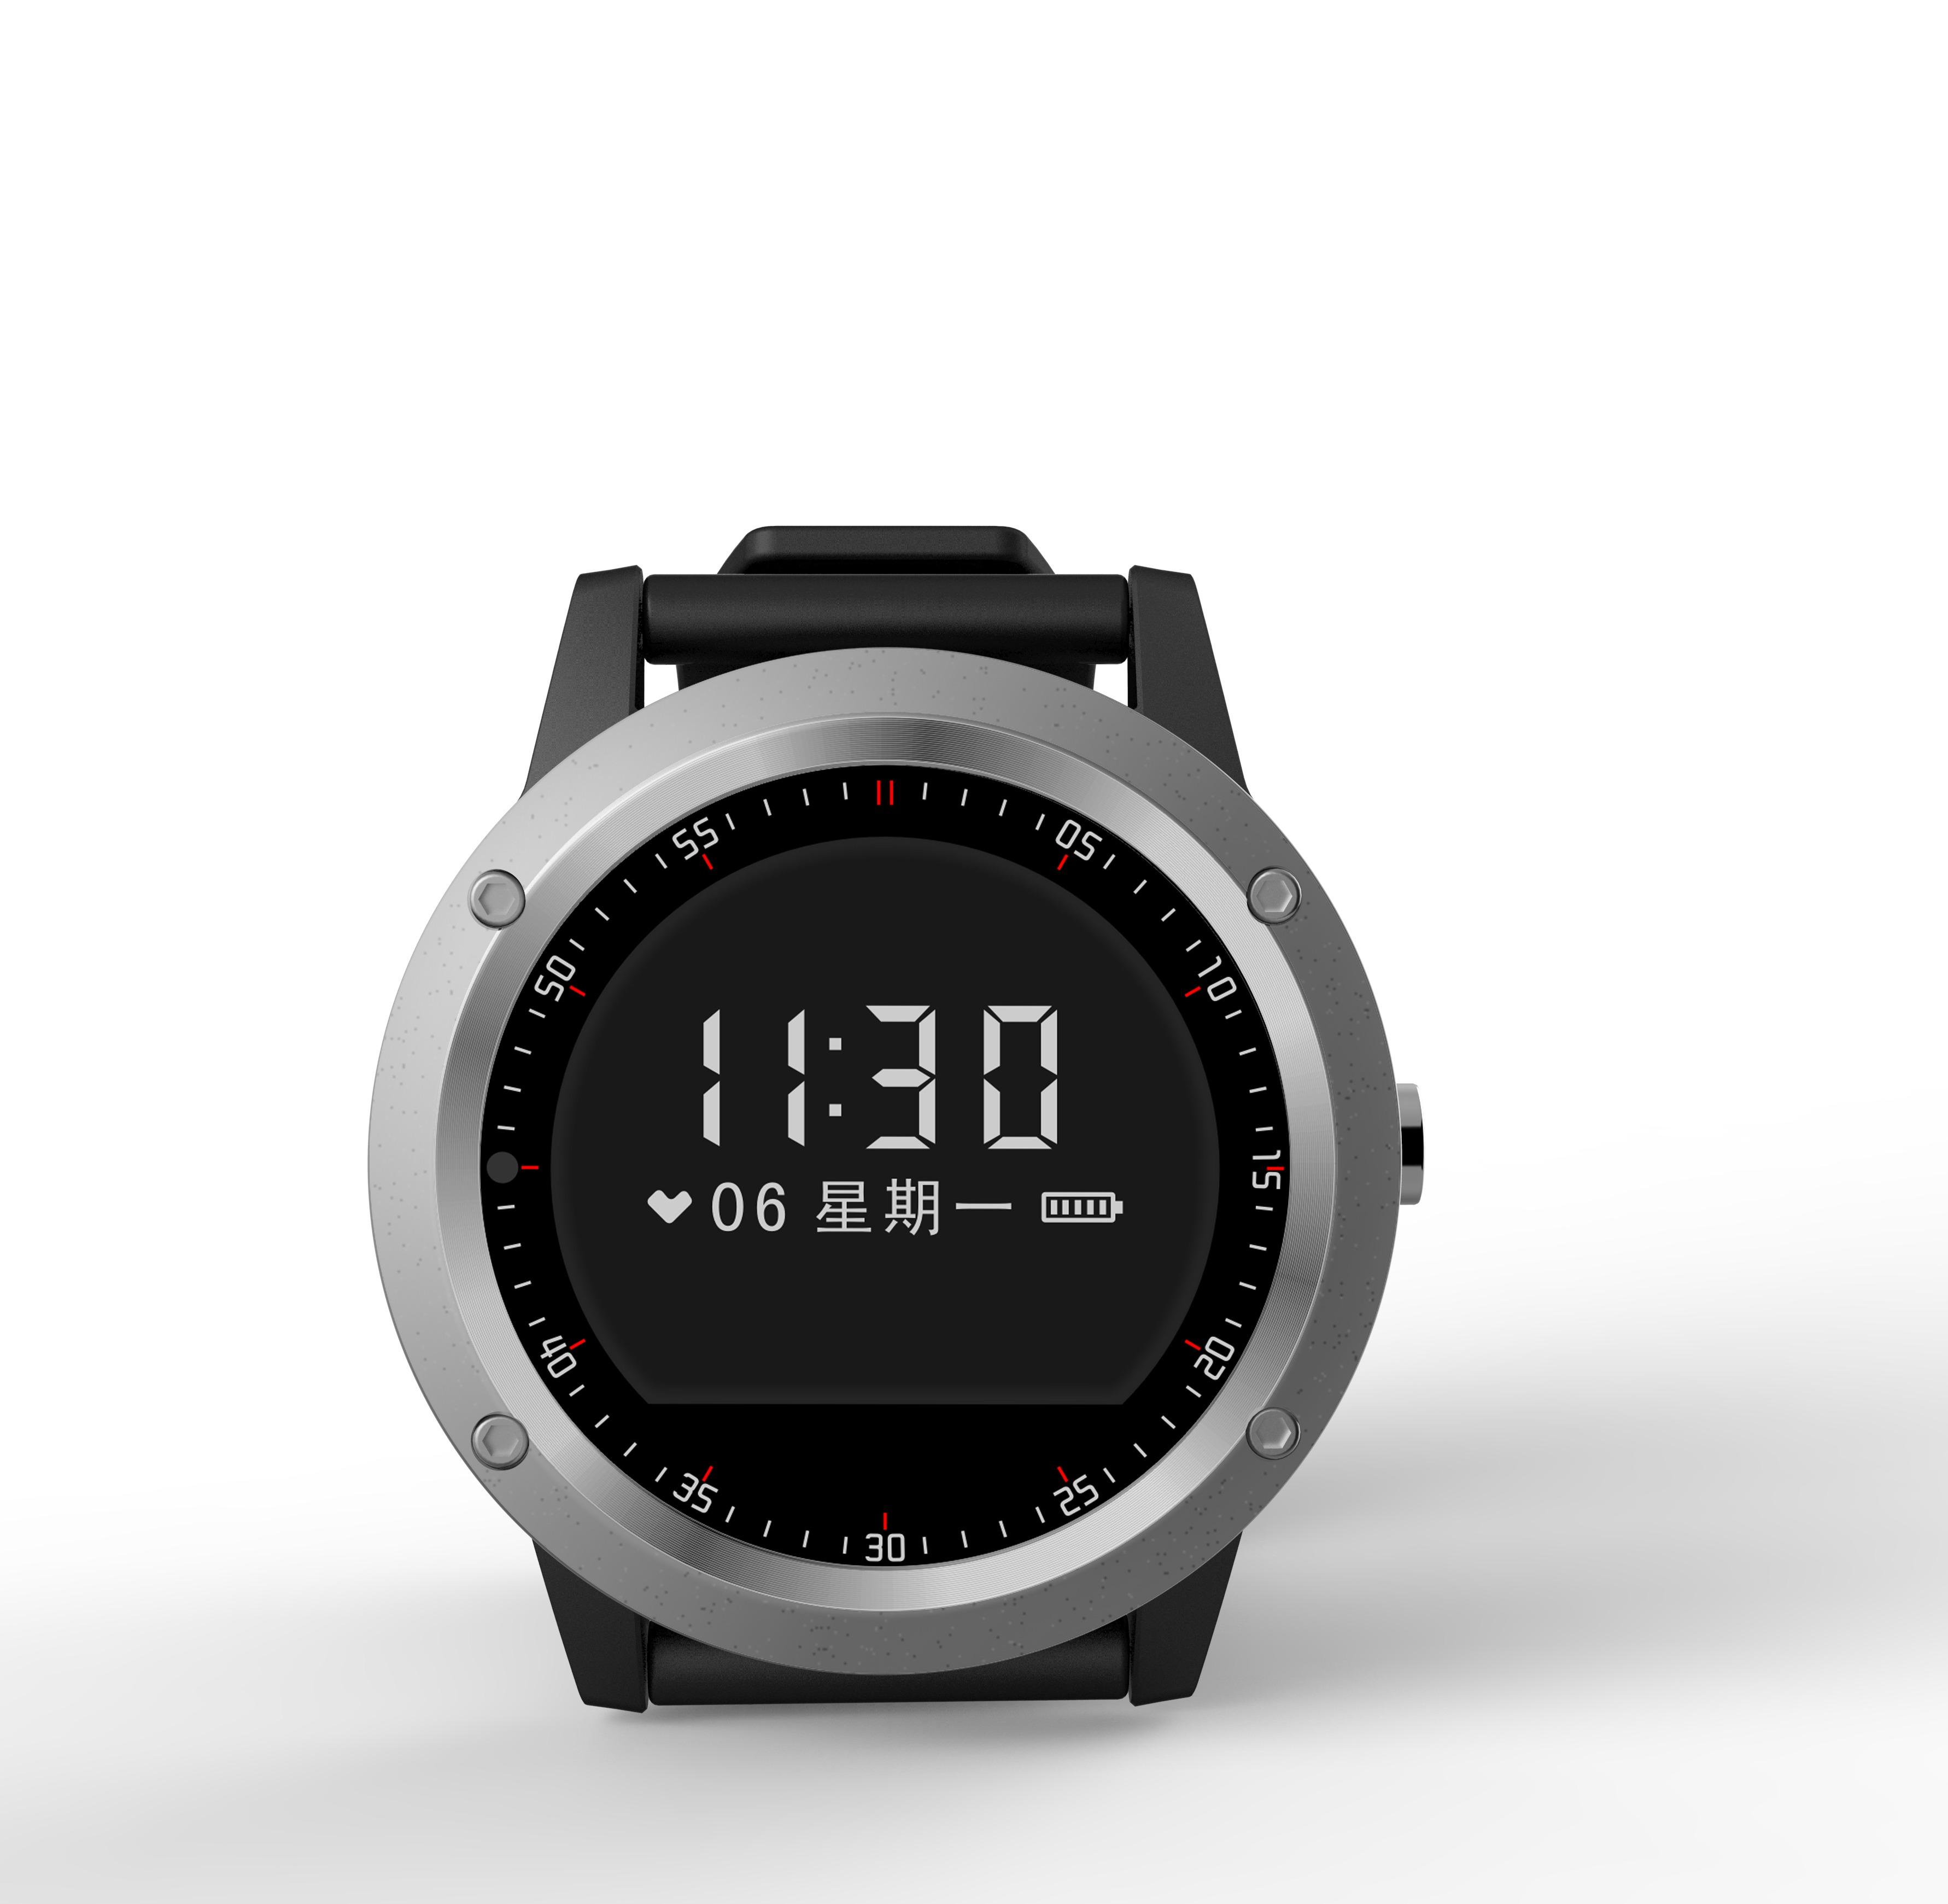 智能定位手表工业设计